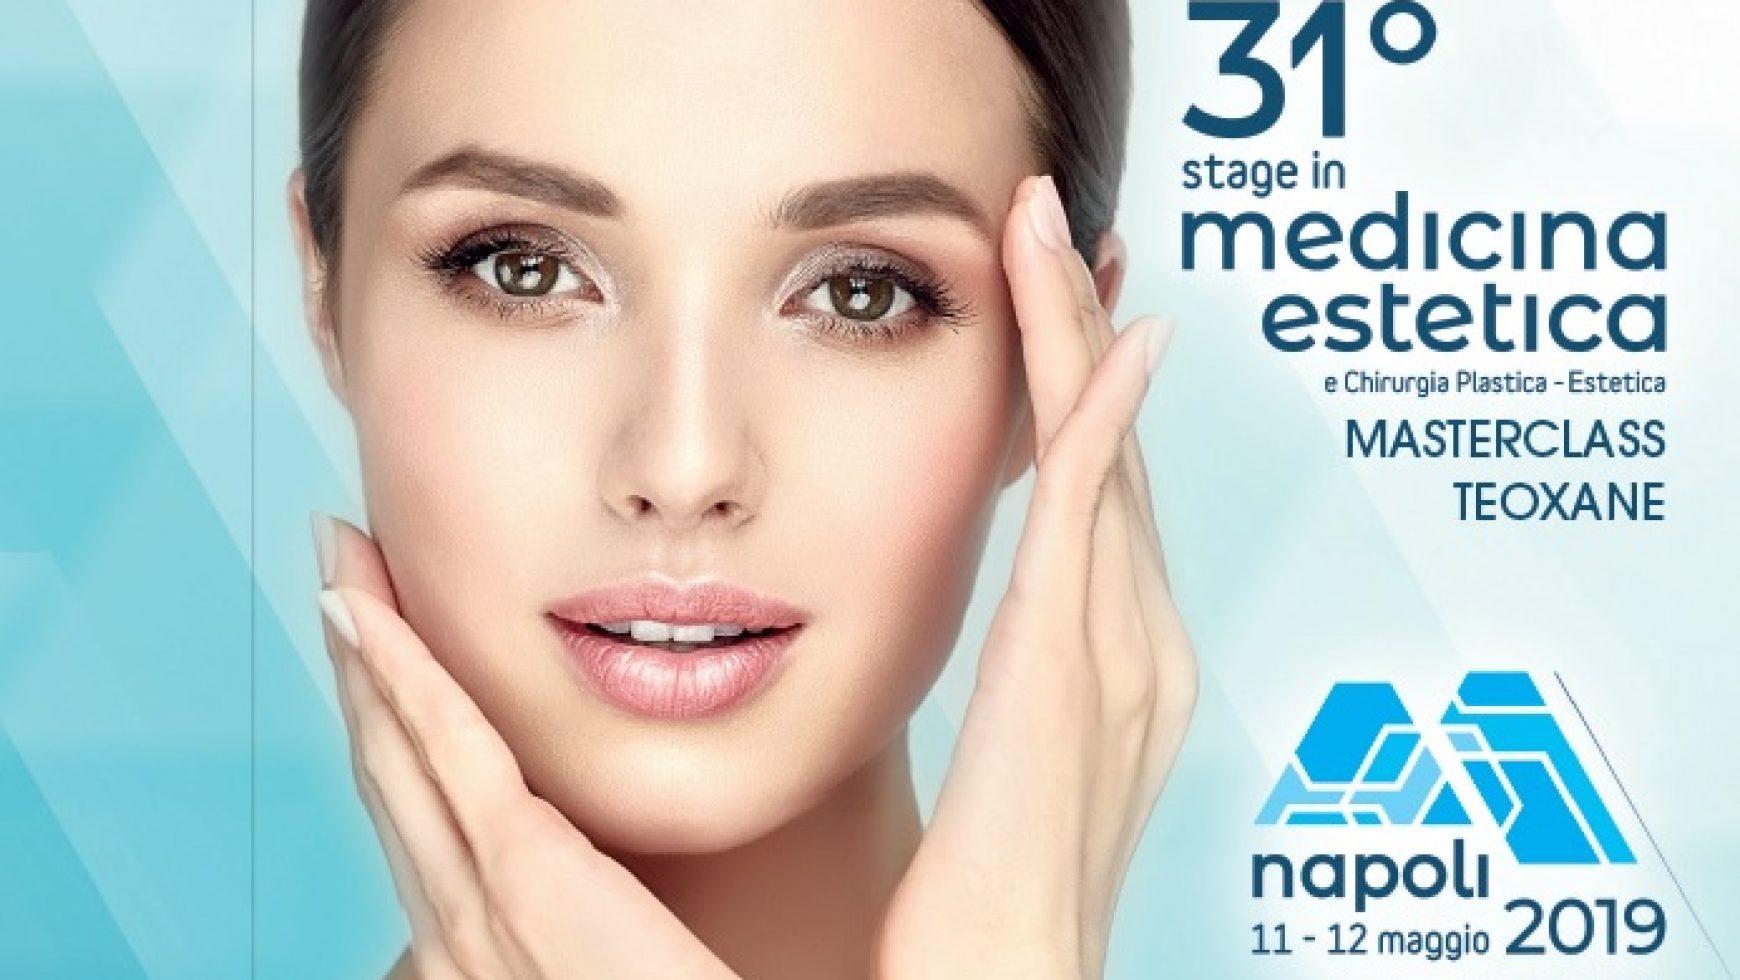 31° Stage in Medicina Estetica e Chirurgia Plastica Estetica – Masterclass Teoxane